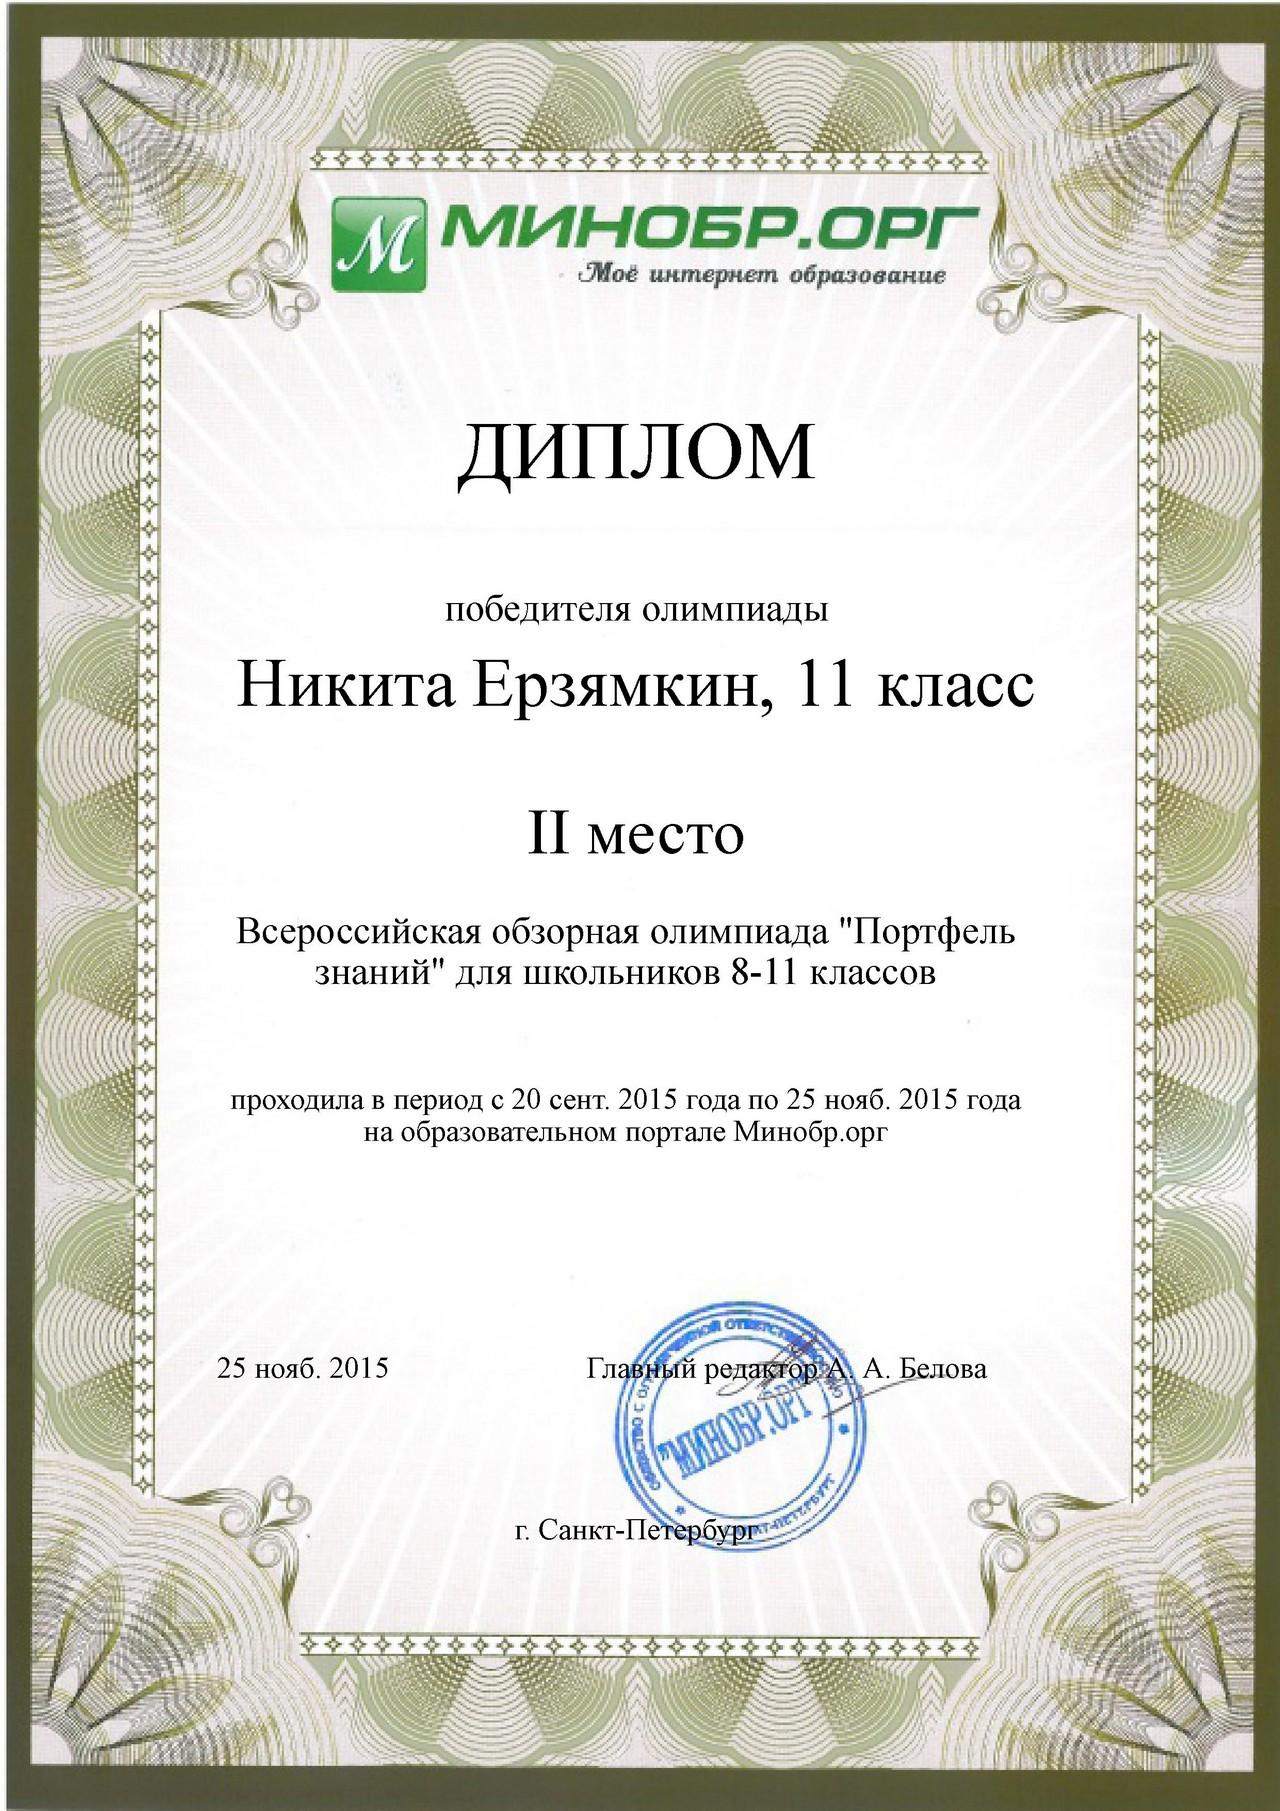 Владимиров ав участник конкурса